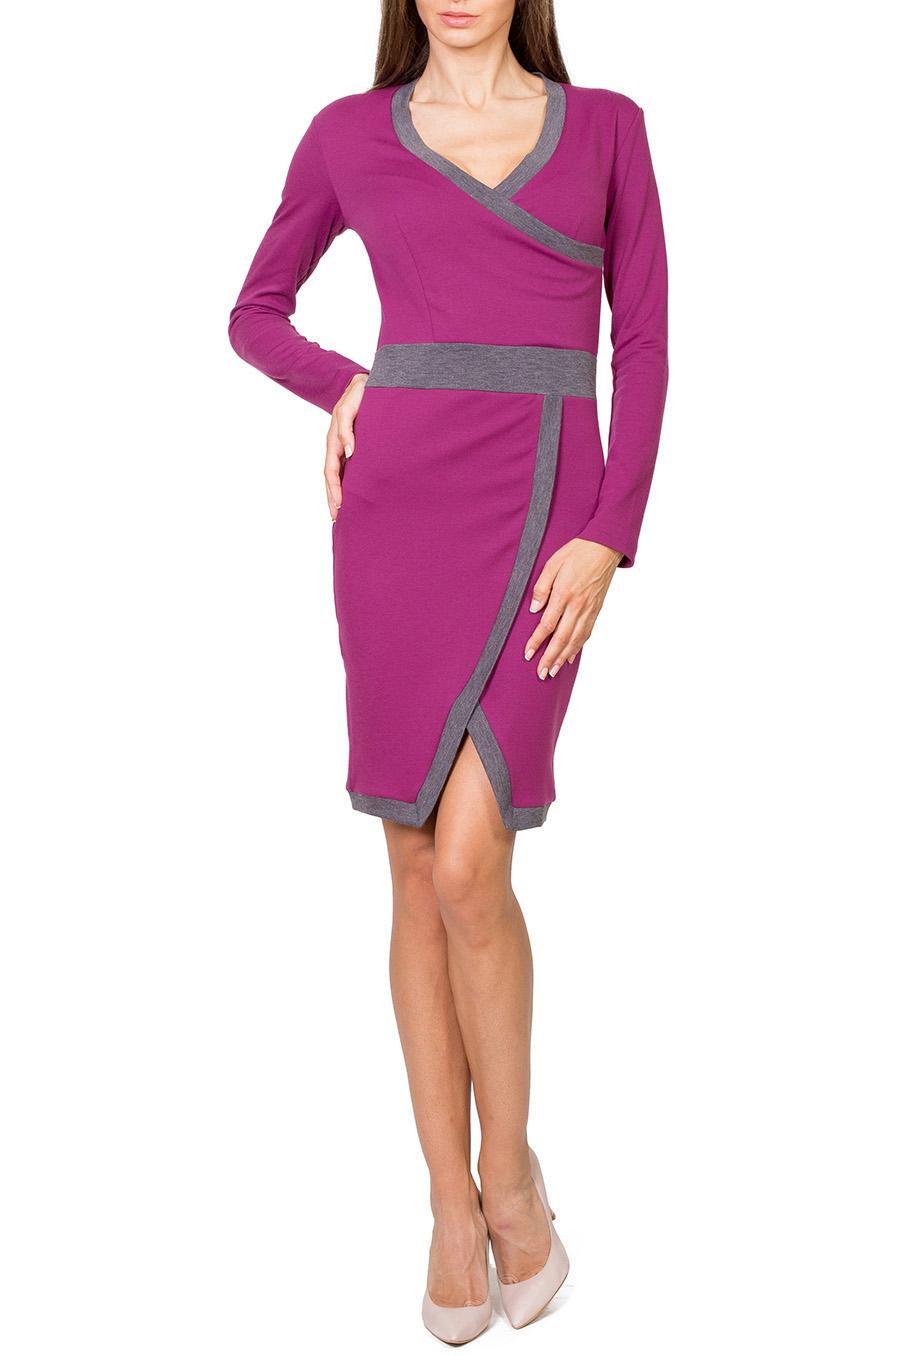 ПлатьеПлатья<br>Привлекательное платье с V-образной горловиной и длинными рукавами. Модель выполнена из плотного трикотажа с контрастным декором. Отличный выбор для повседневного гардероба.  Цвет: розовый, серый  Рост девушки-фотомодели 182 см.<br><br>Горловина: V- горловина,Запах<br>По длине: До колена<br>По материалу: Вискоза,Трикотаж<br>По рисунку: Цветные<br>По сезону: Весна,Осень,Зима<br>По силуэту: Приталенные<br>По стилю: Повседневный стиль<br>По форме: Платье - футляр<br>Рукав: Длинный рукав<br>По элементам: С фигурным низом<br>Размер : 42,48,50<br>Материал: Джерси<br>Количество в наличии: 3